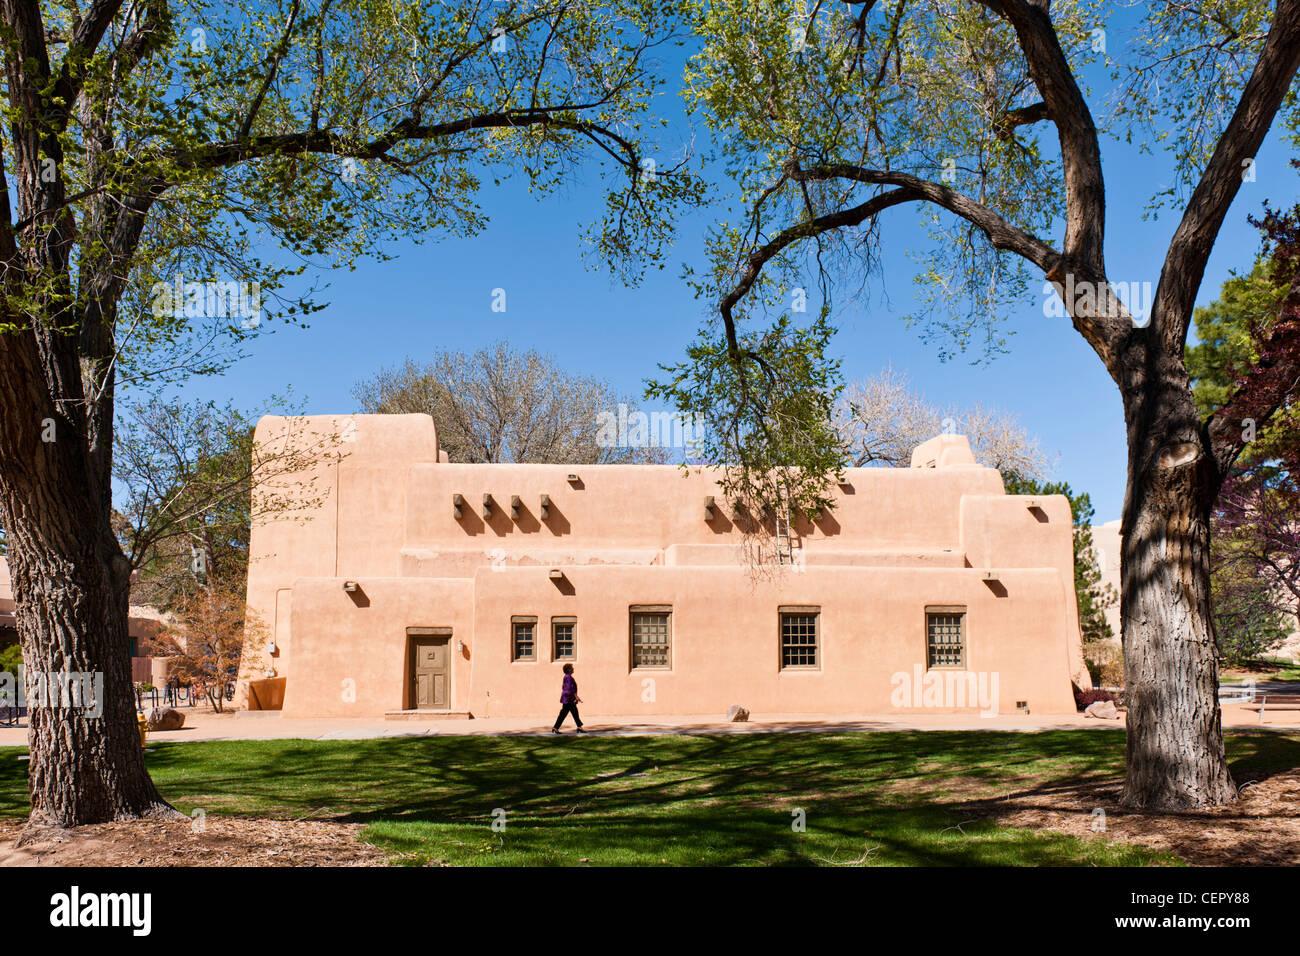 Alumni Memorial Chapel, UNM, Albuquerque - Stock Image